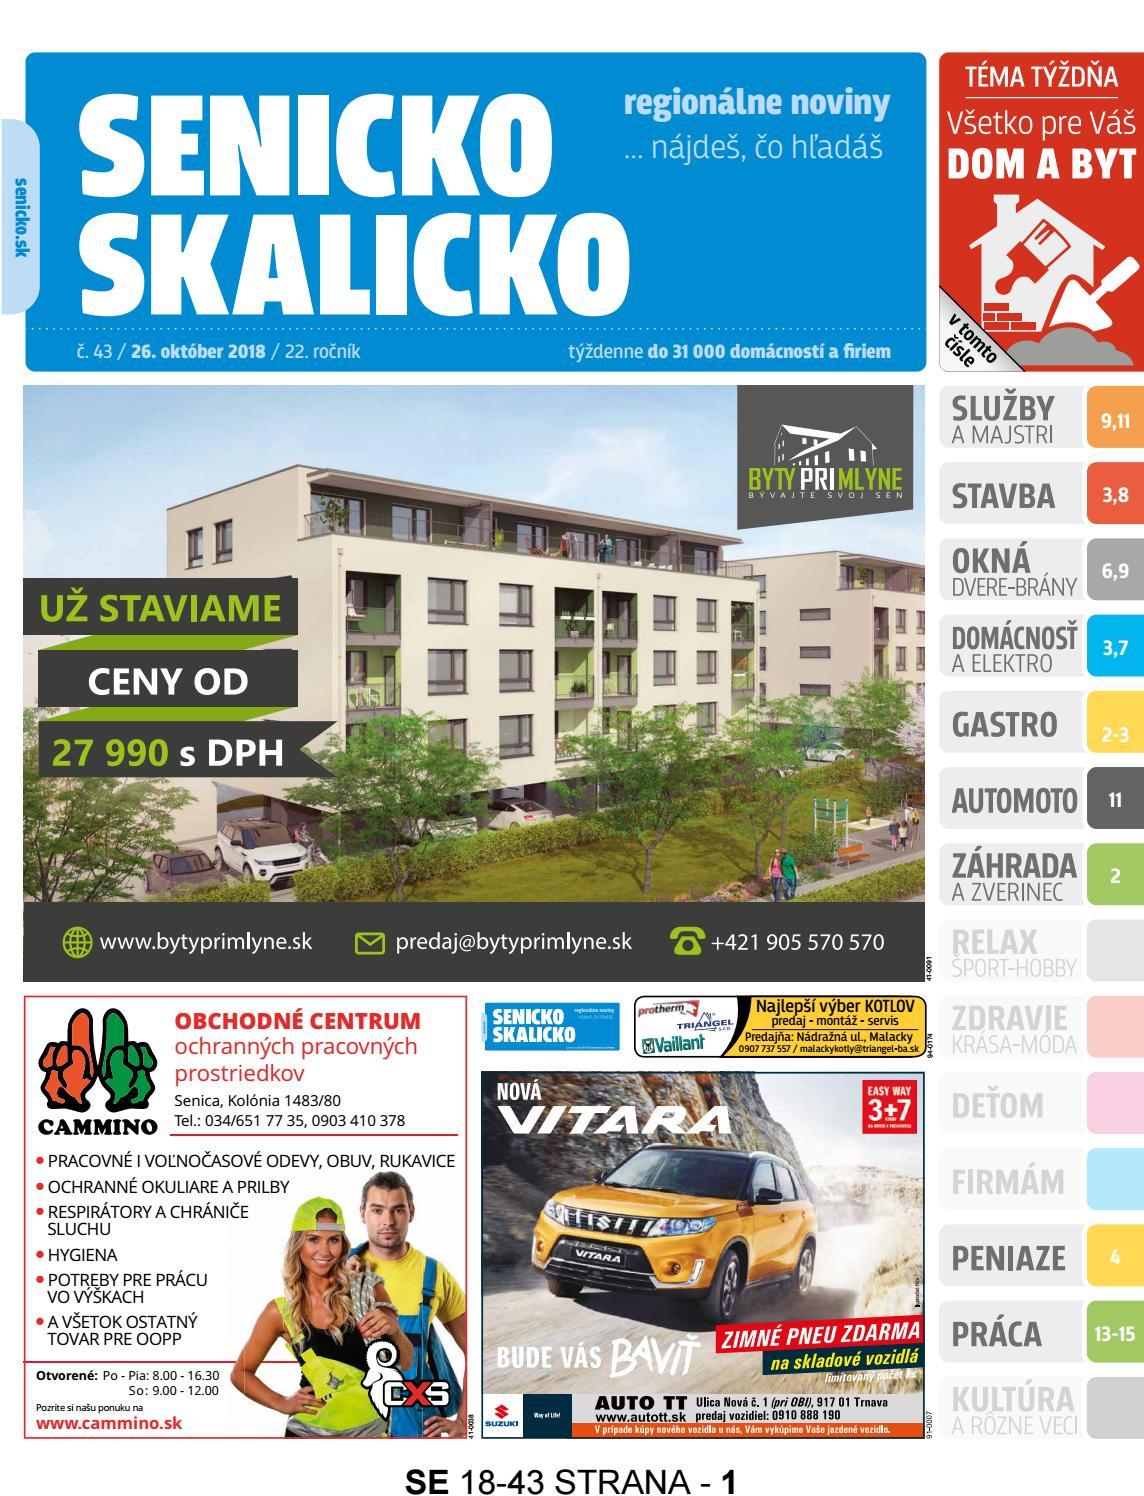 9c50939f8a3f Senicko-Skalicko 18-43 by skalicko skalicko - issuu